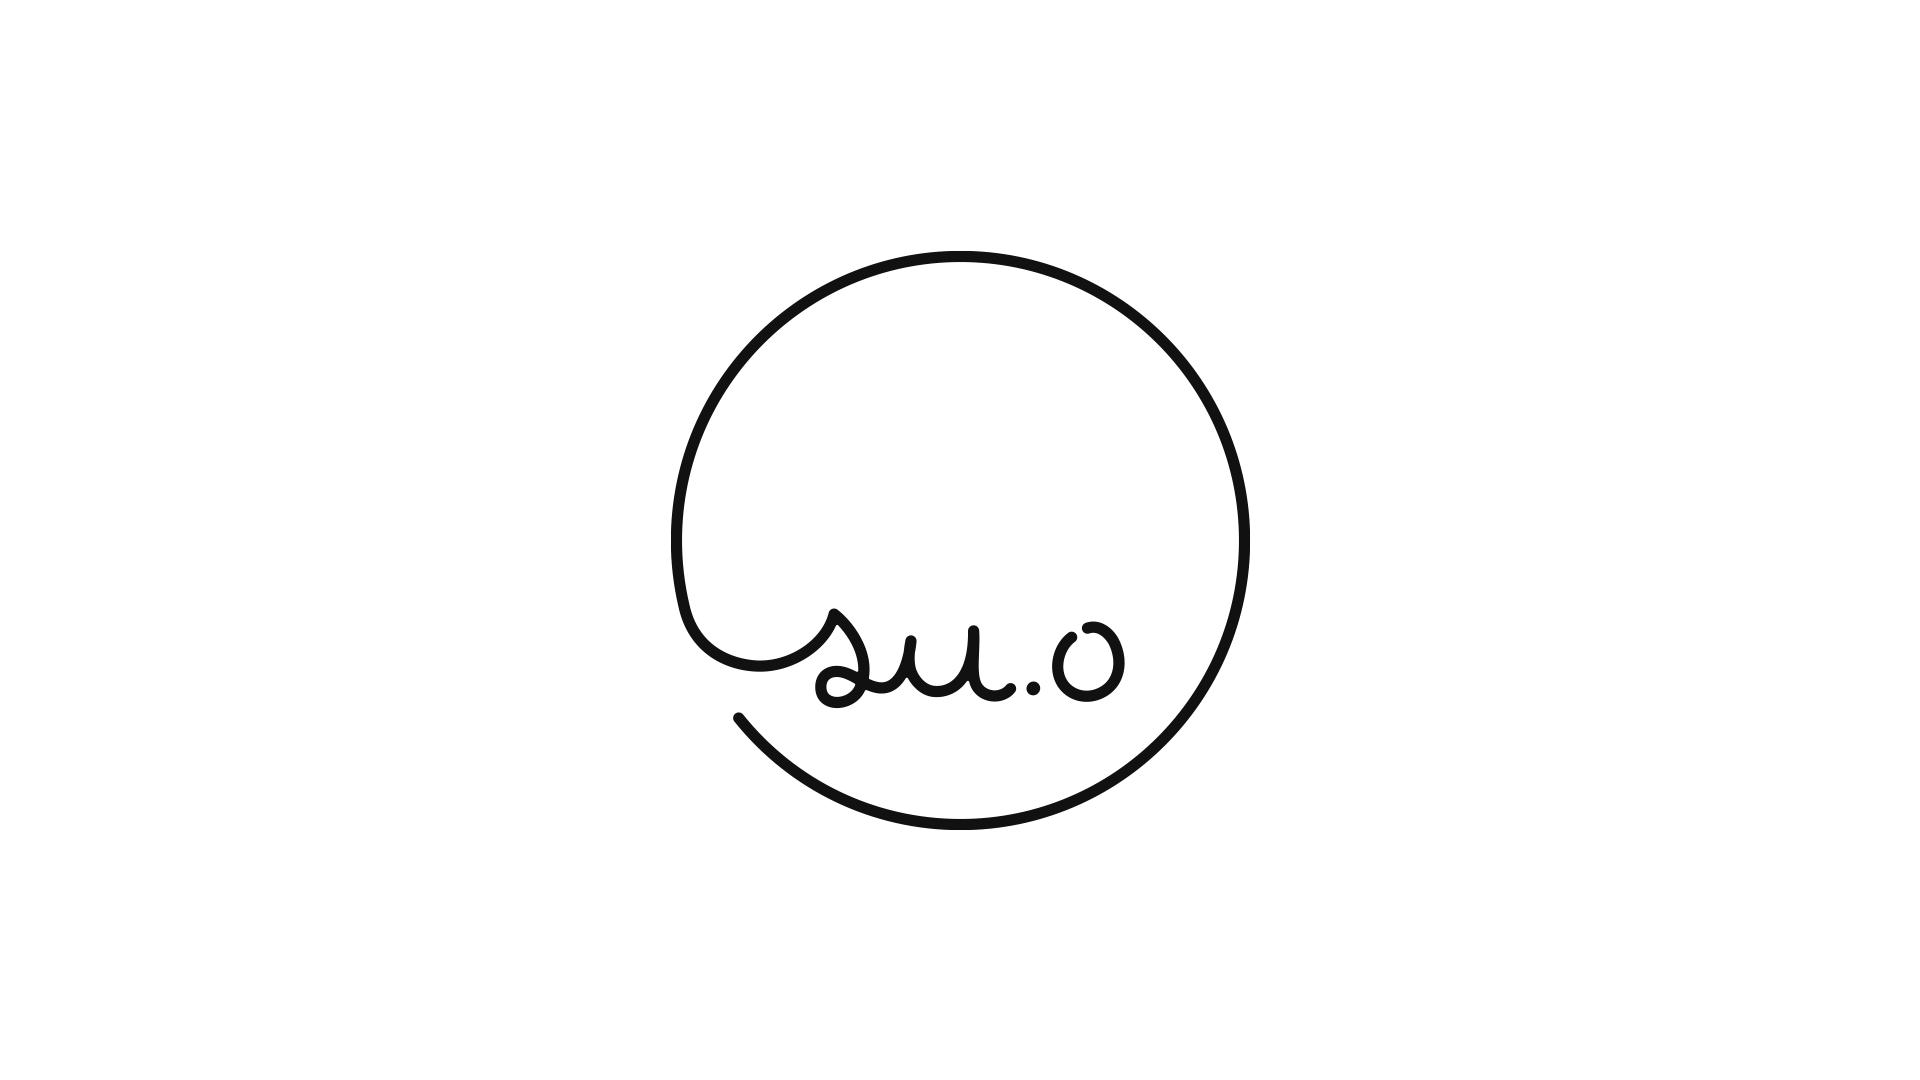 20代の若い世代に向けたアクセサリーブランド「su.o」のロゴデザイン